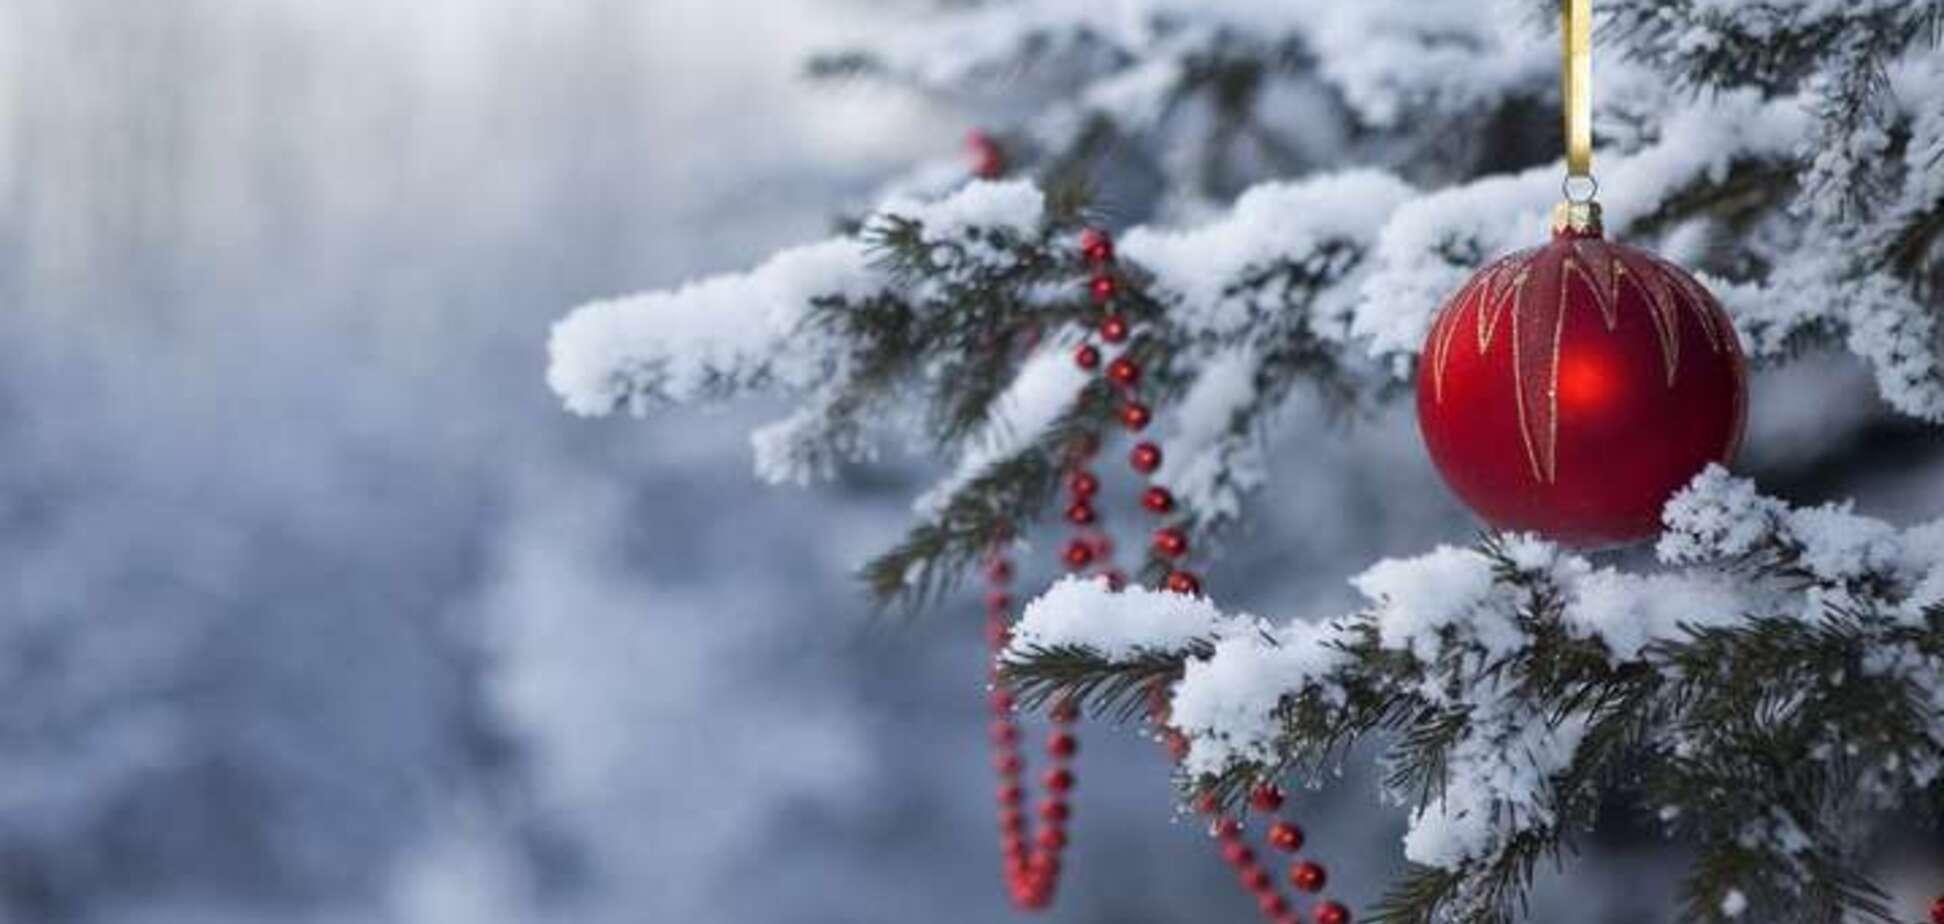 Буде щасливим весь 2020-й: Епіфаній дав пораду українцям на Новий рік